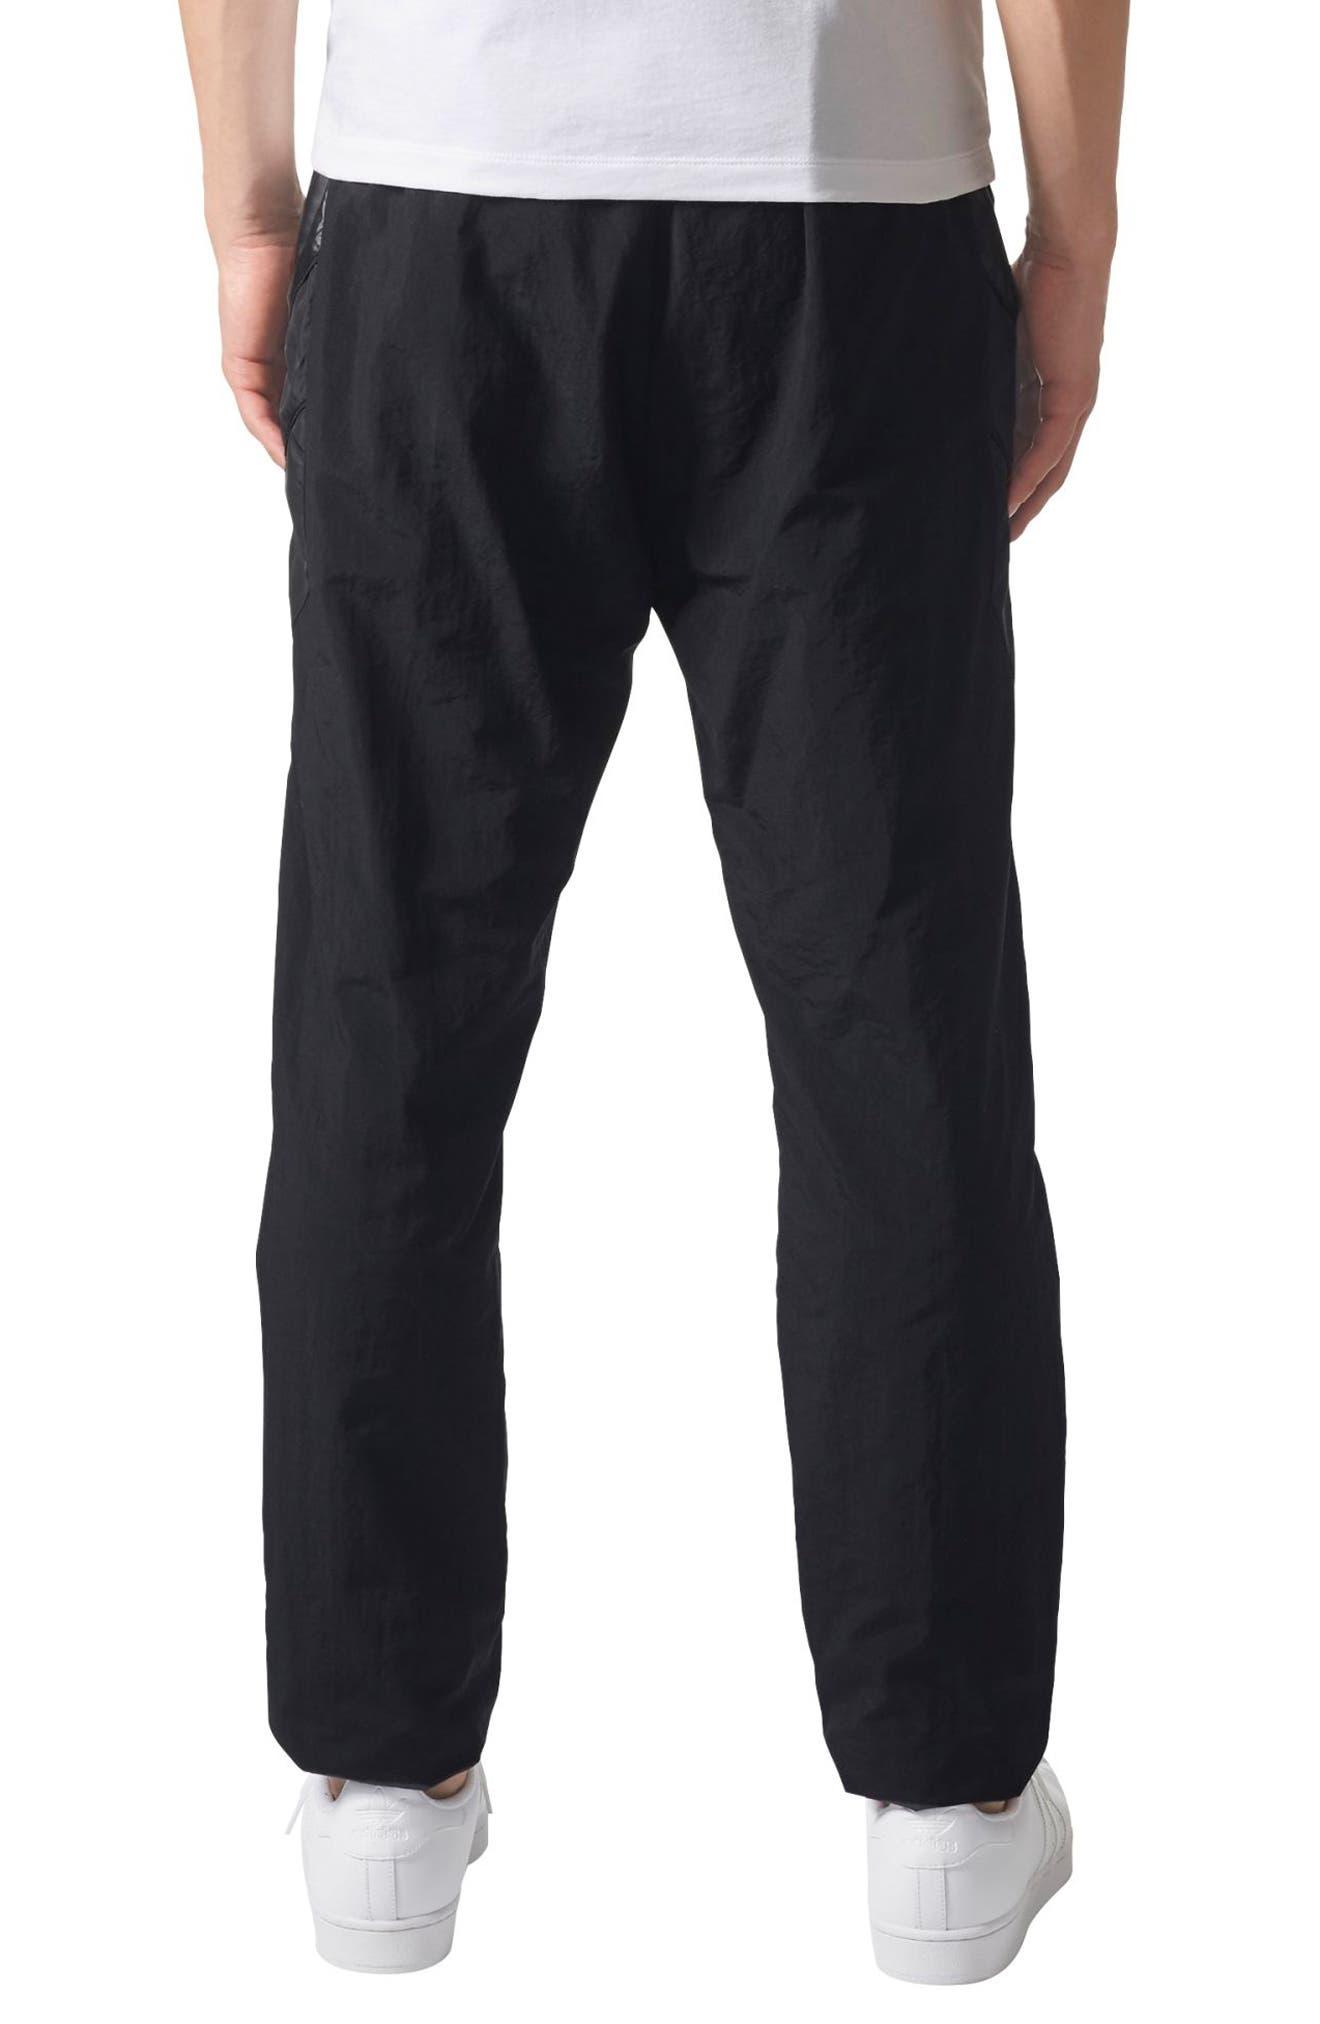 Originals Slim Tapered Pants,                             Alternate thumbnail 2, color,                             Black